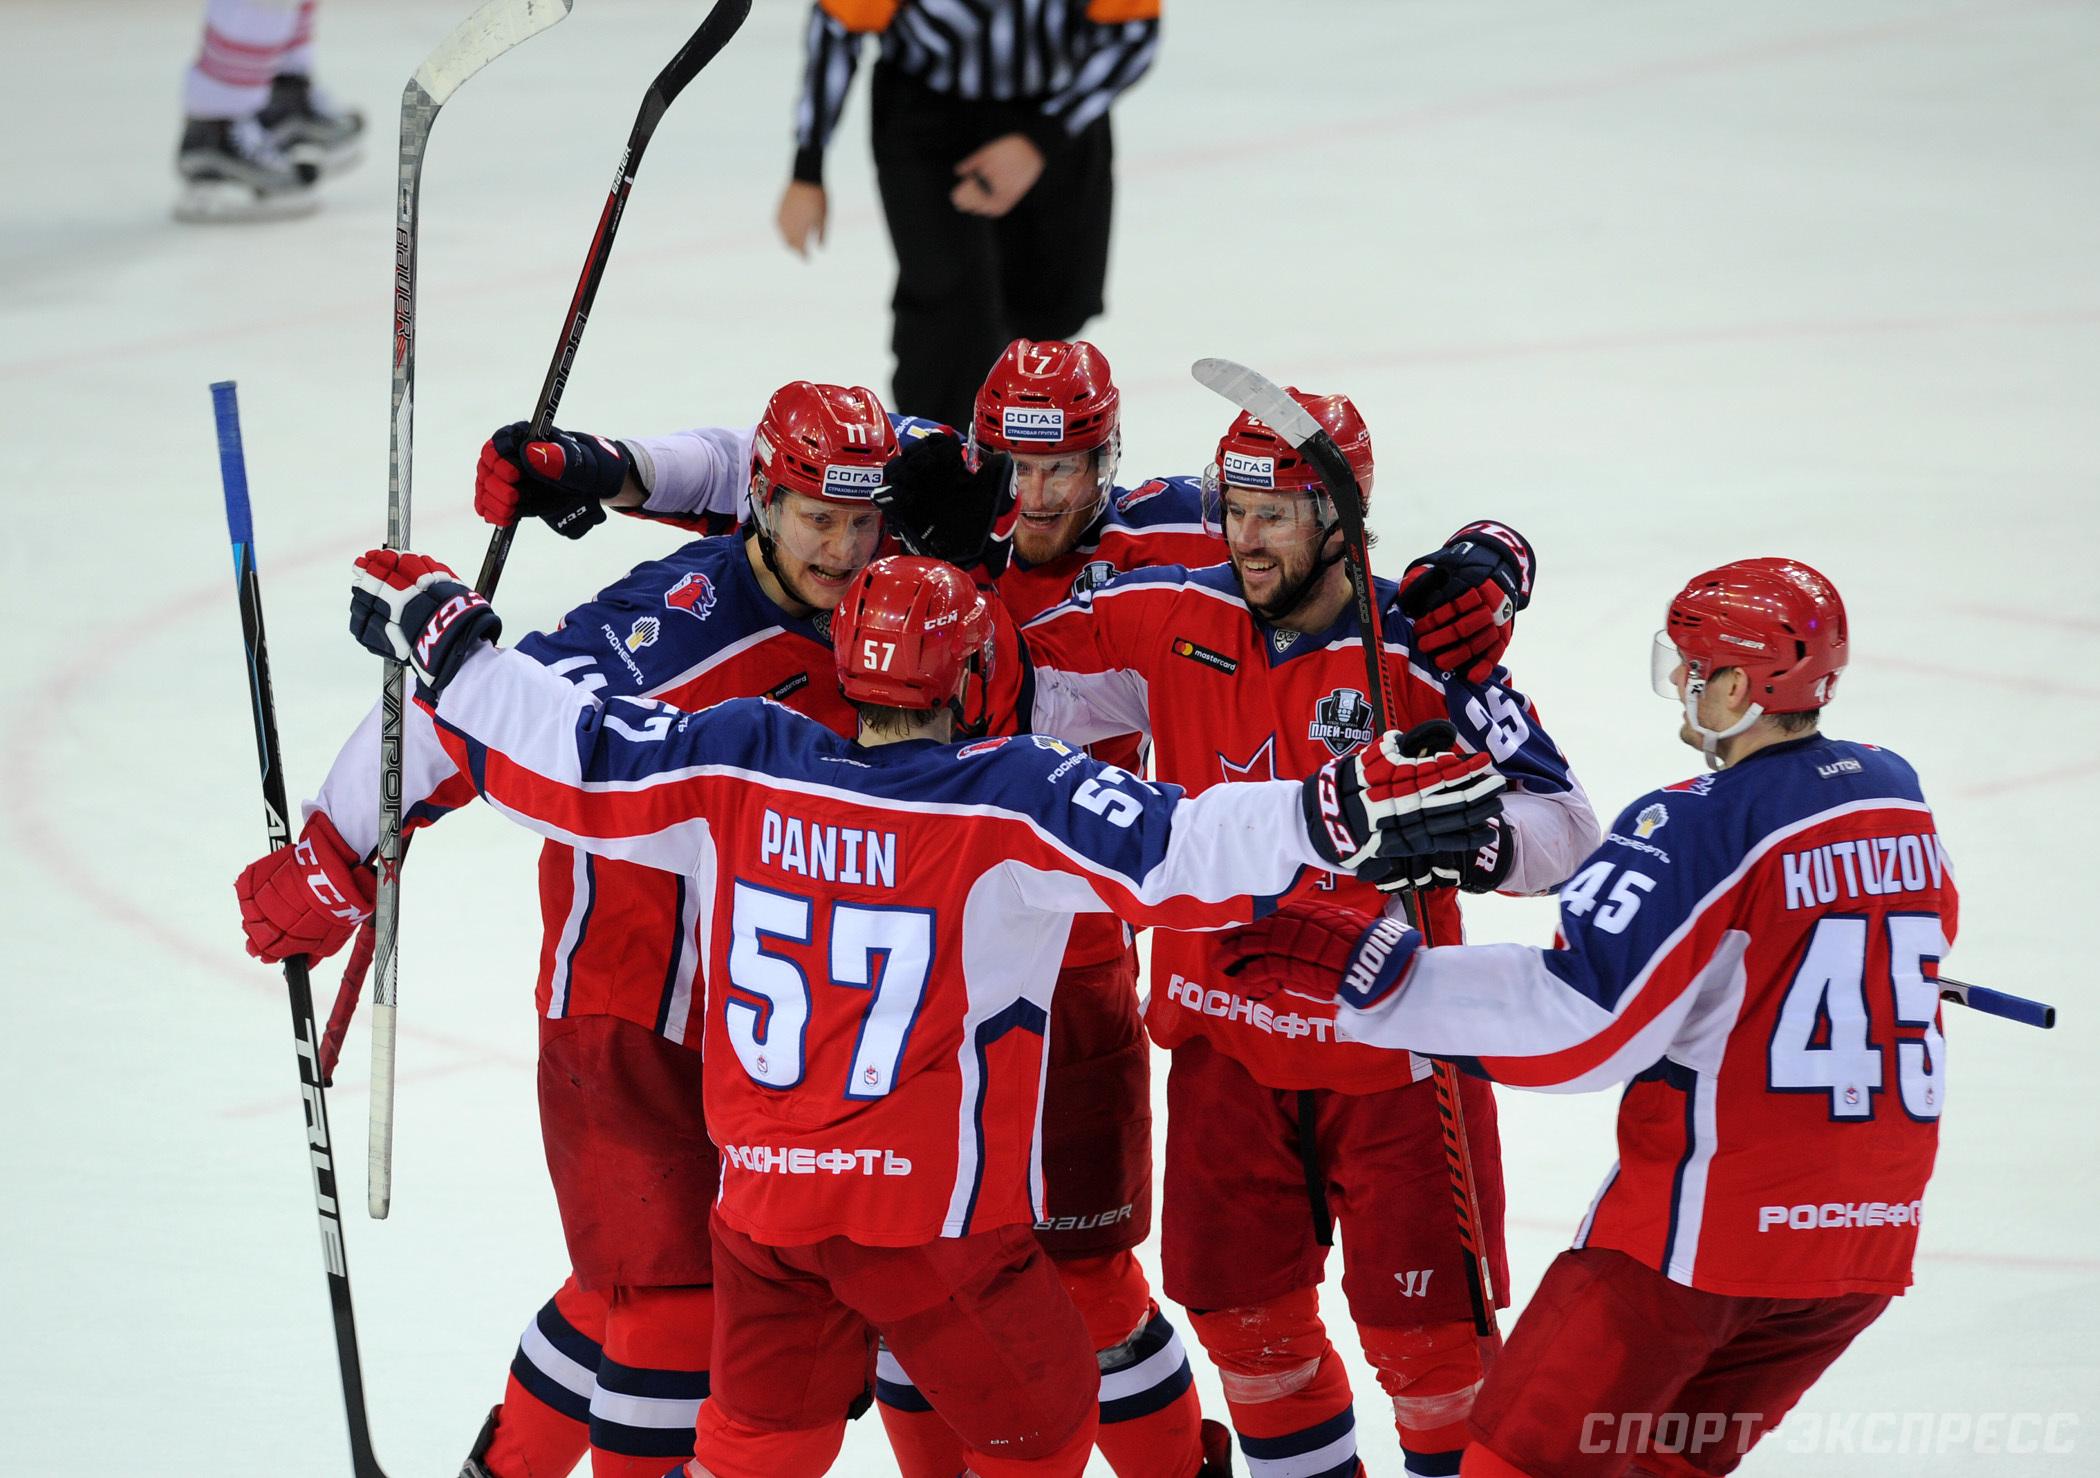 Прогноз на матч СКА - Йокерит: гостям из Финляндии удастся удержать фору 2,5